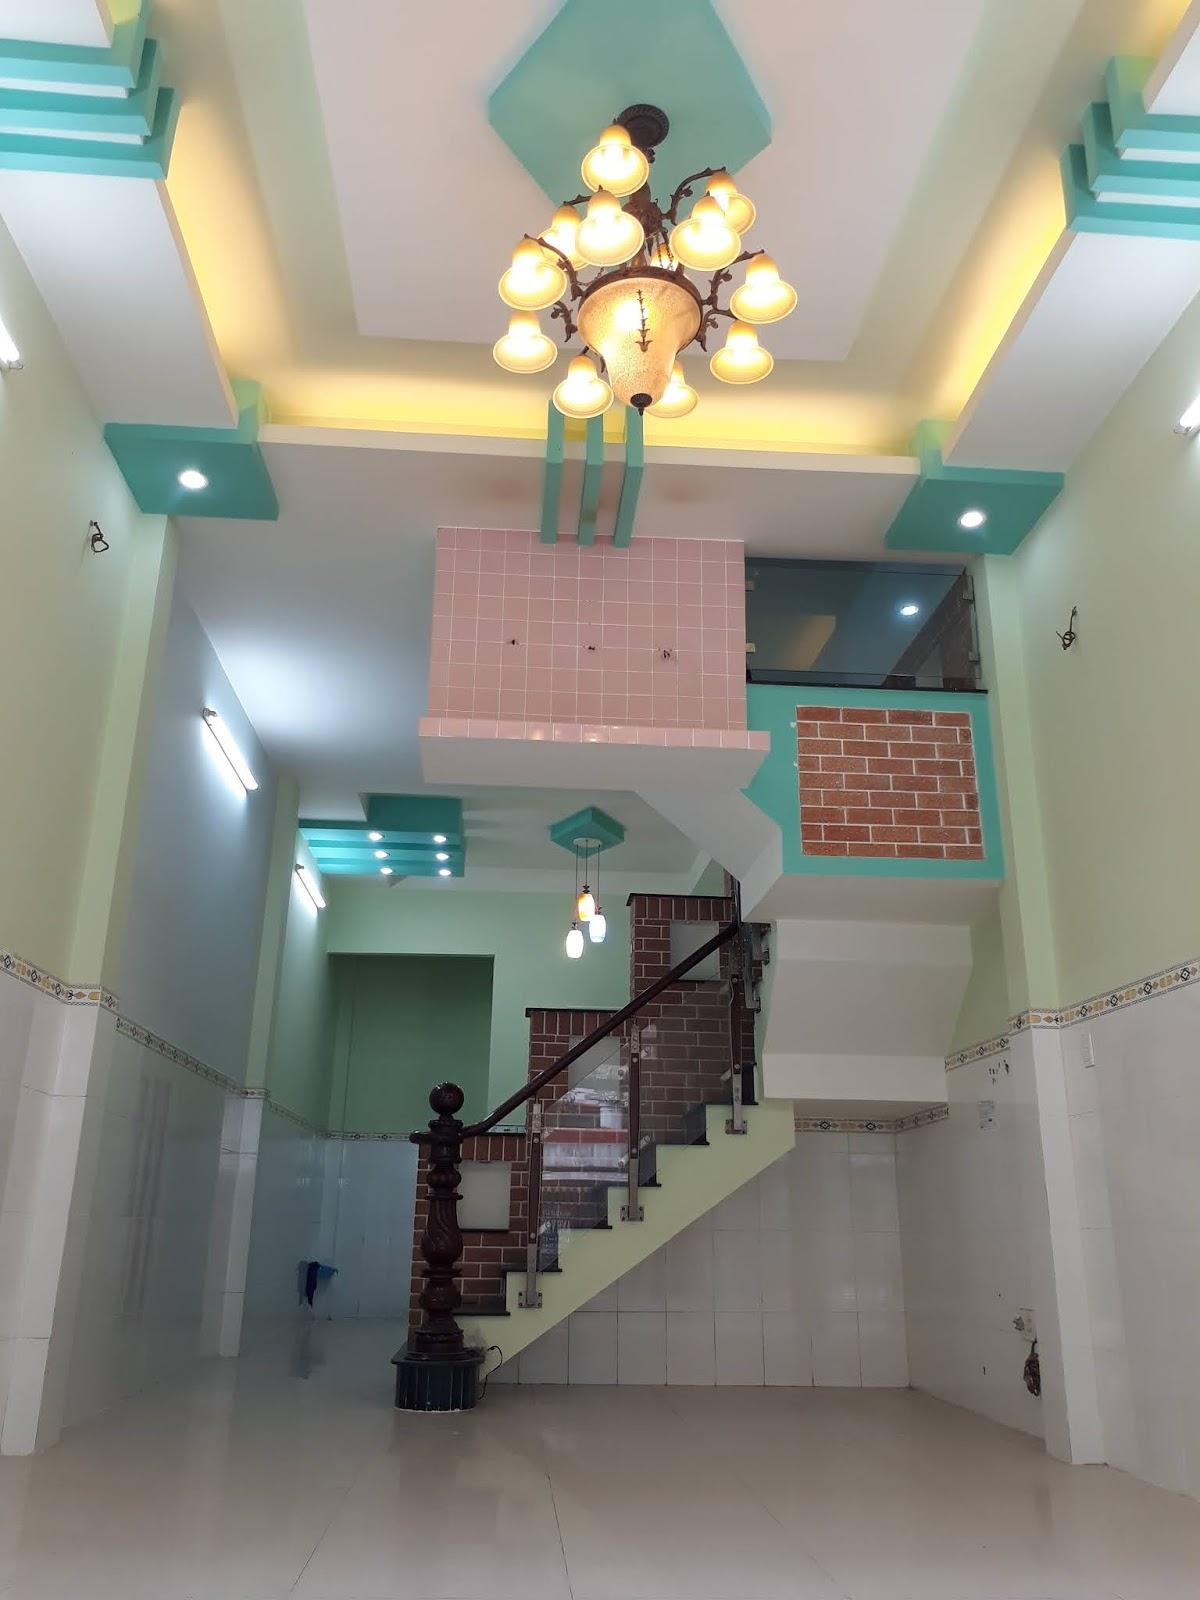 Bán nhà hẻm 330 Đất Mới phường Bình Trị Đông quận Bình Tân. Dt 4x14m đúc 2 lầu BTCT